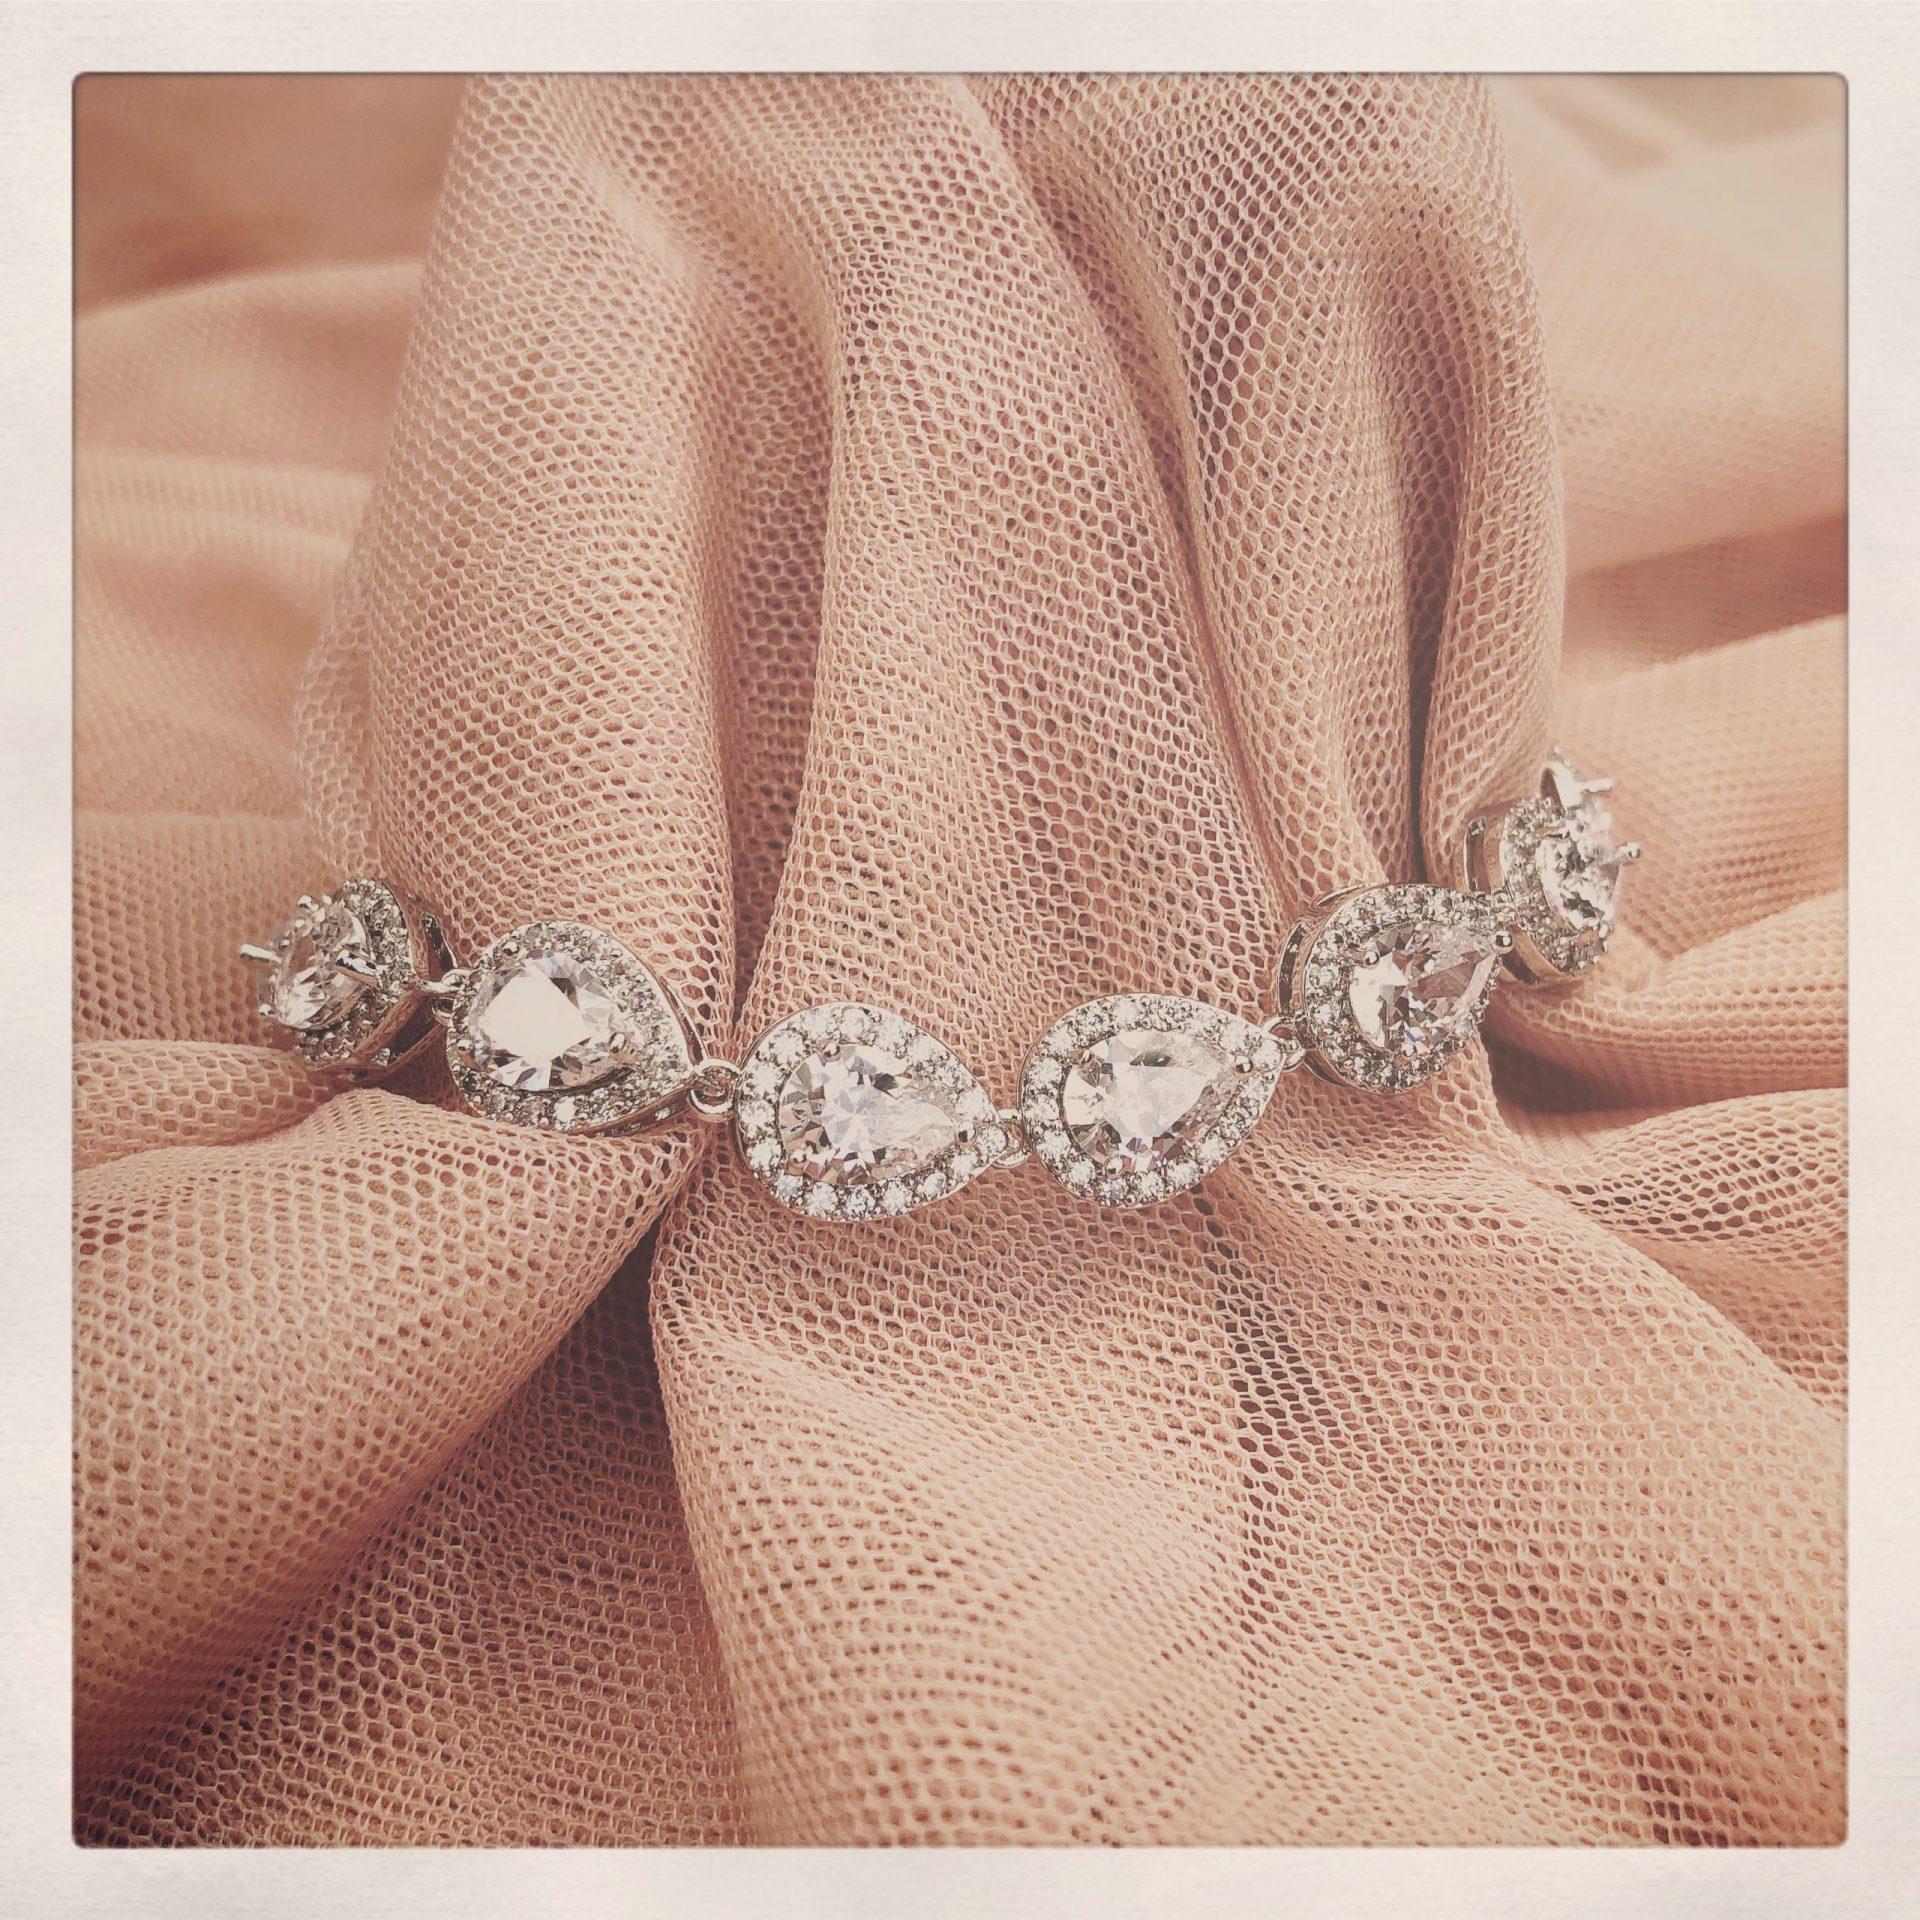 26. Felicity in Silver – Bracelet